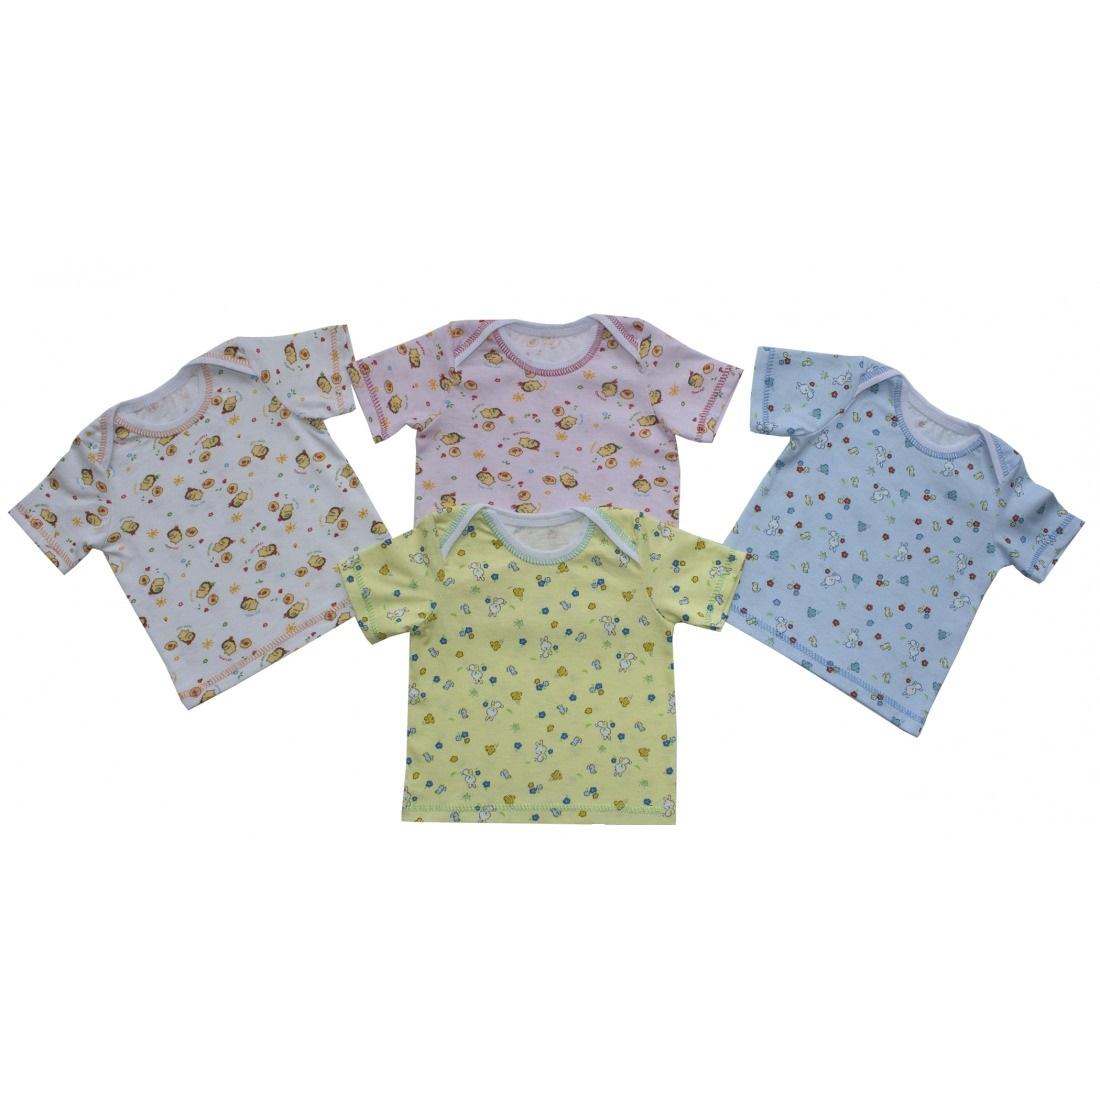 Фуфайка (футболка) детская ТоптыжкаМайки и футболки<br><br><br>Размер: Голубой